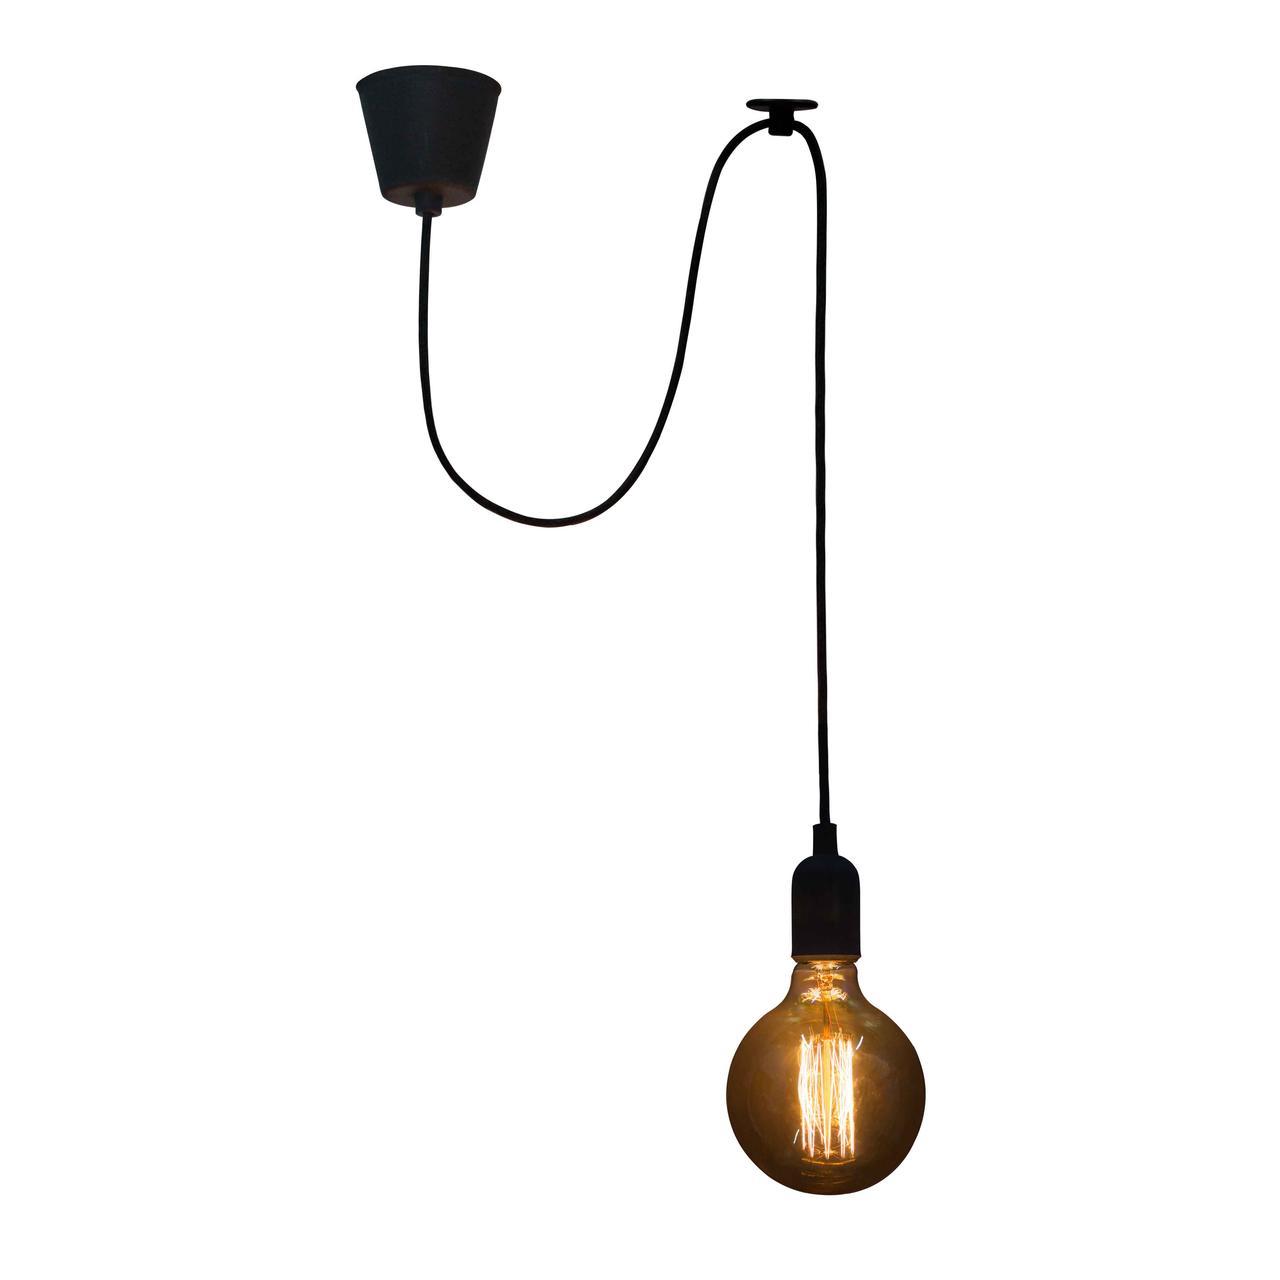 Подвесной светильник на одну лампу NL 149-1 MSK Electric